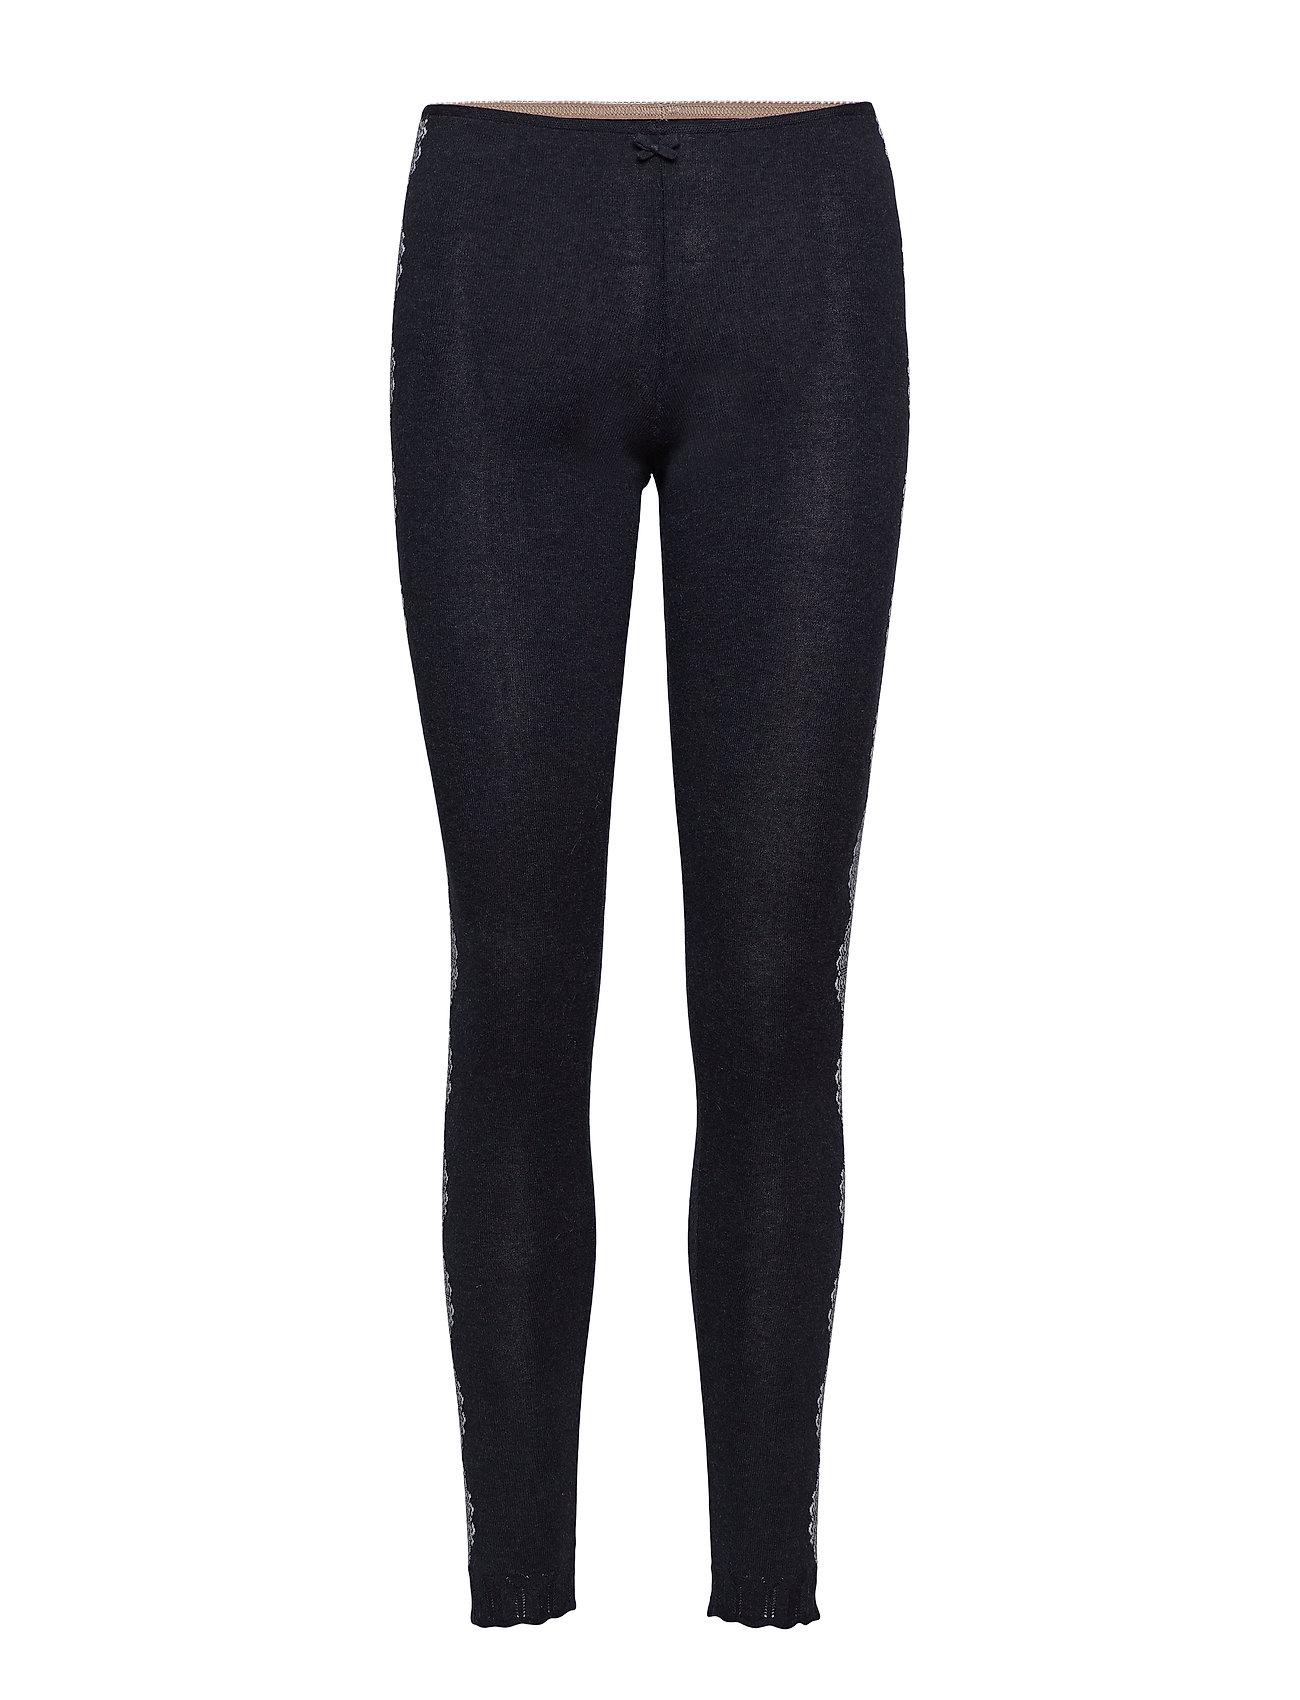 ODD MOLLY side romance leggings - BLACK